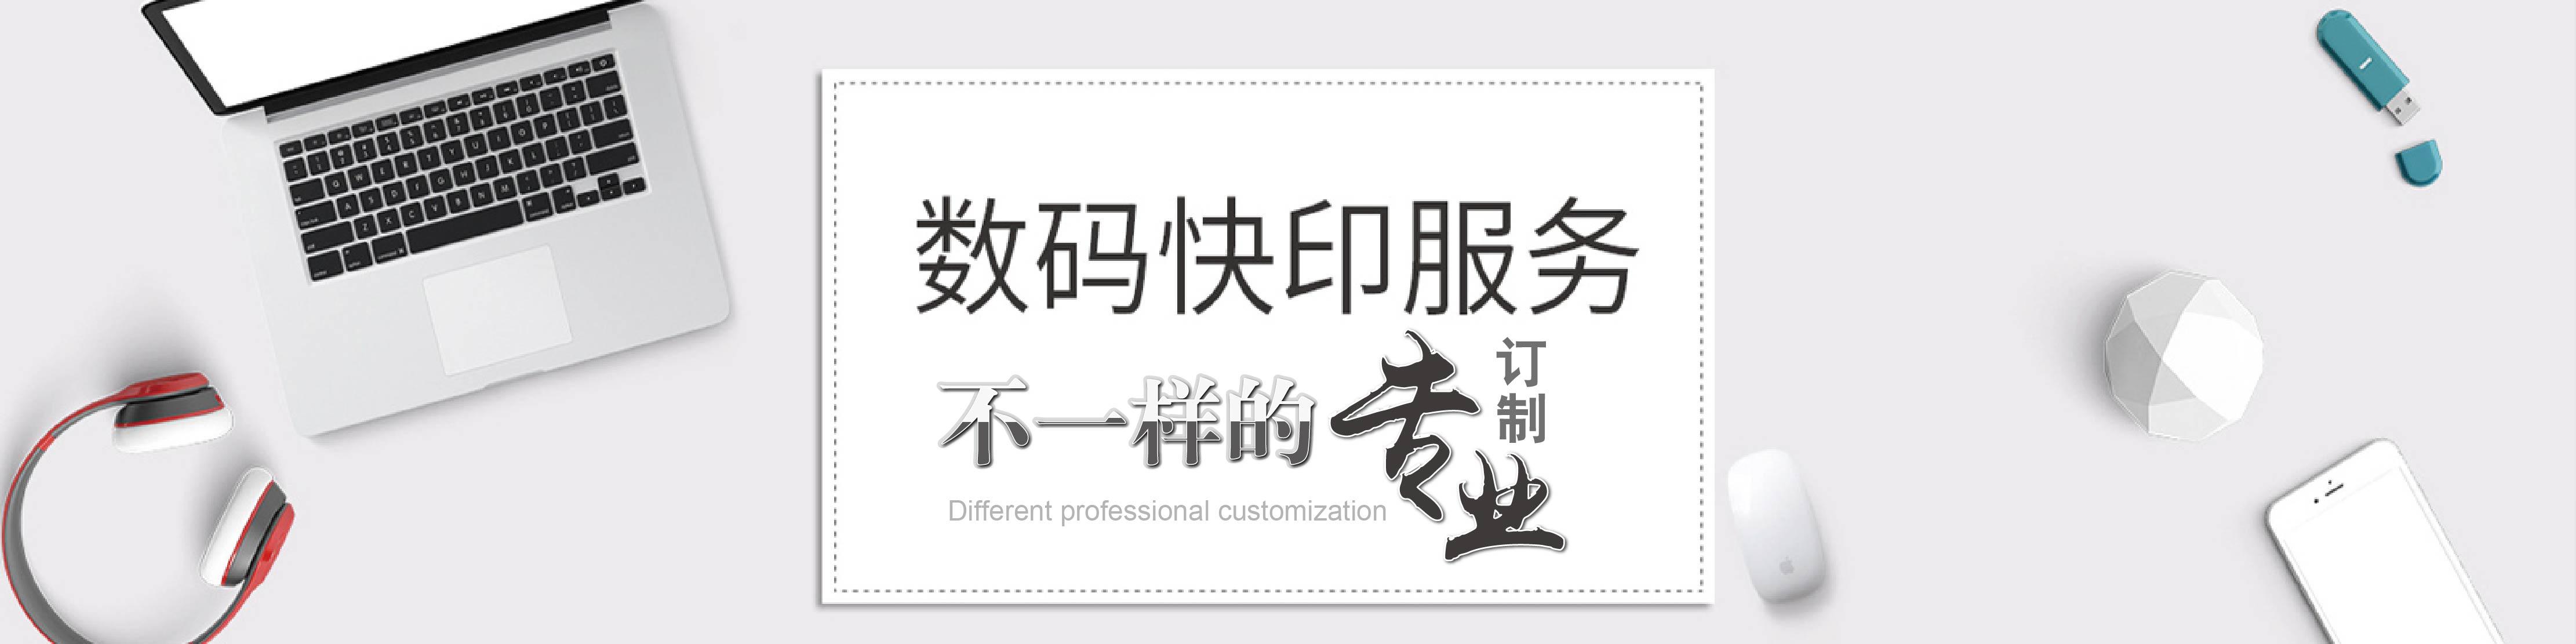 上海识坤图文设计有限公司